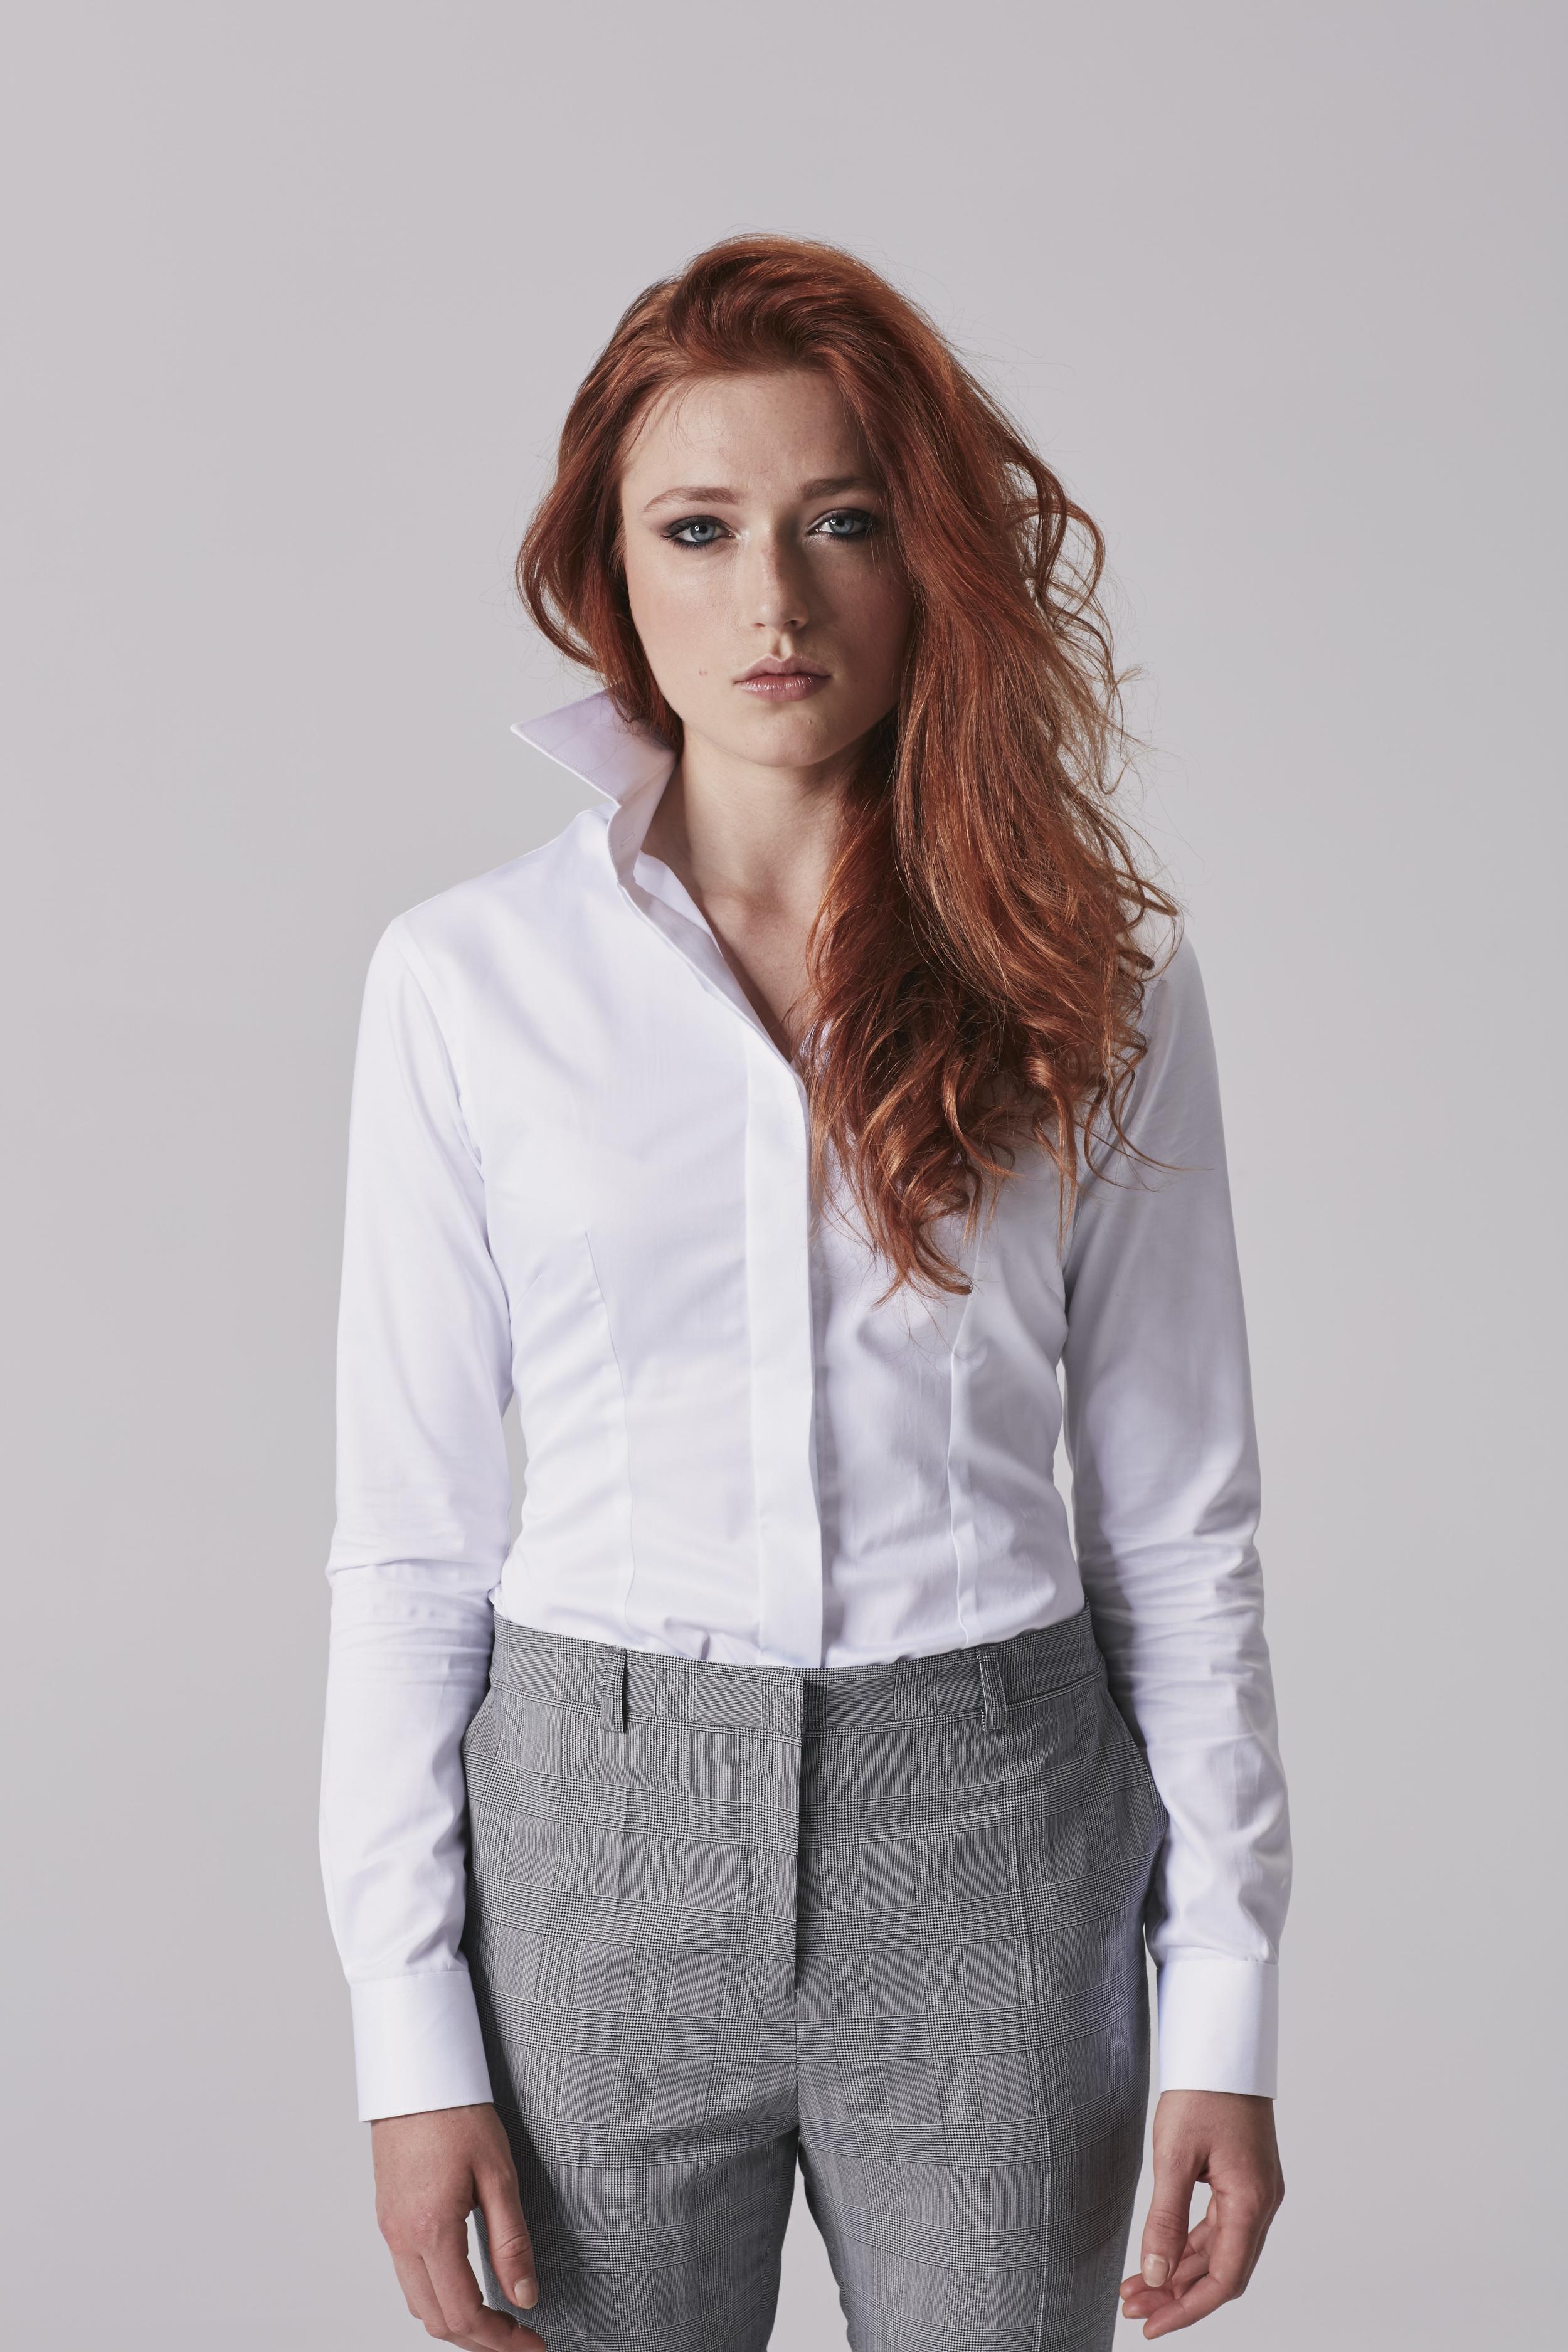 Womens white business shirt.jpg